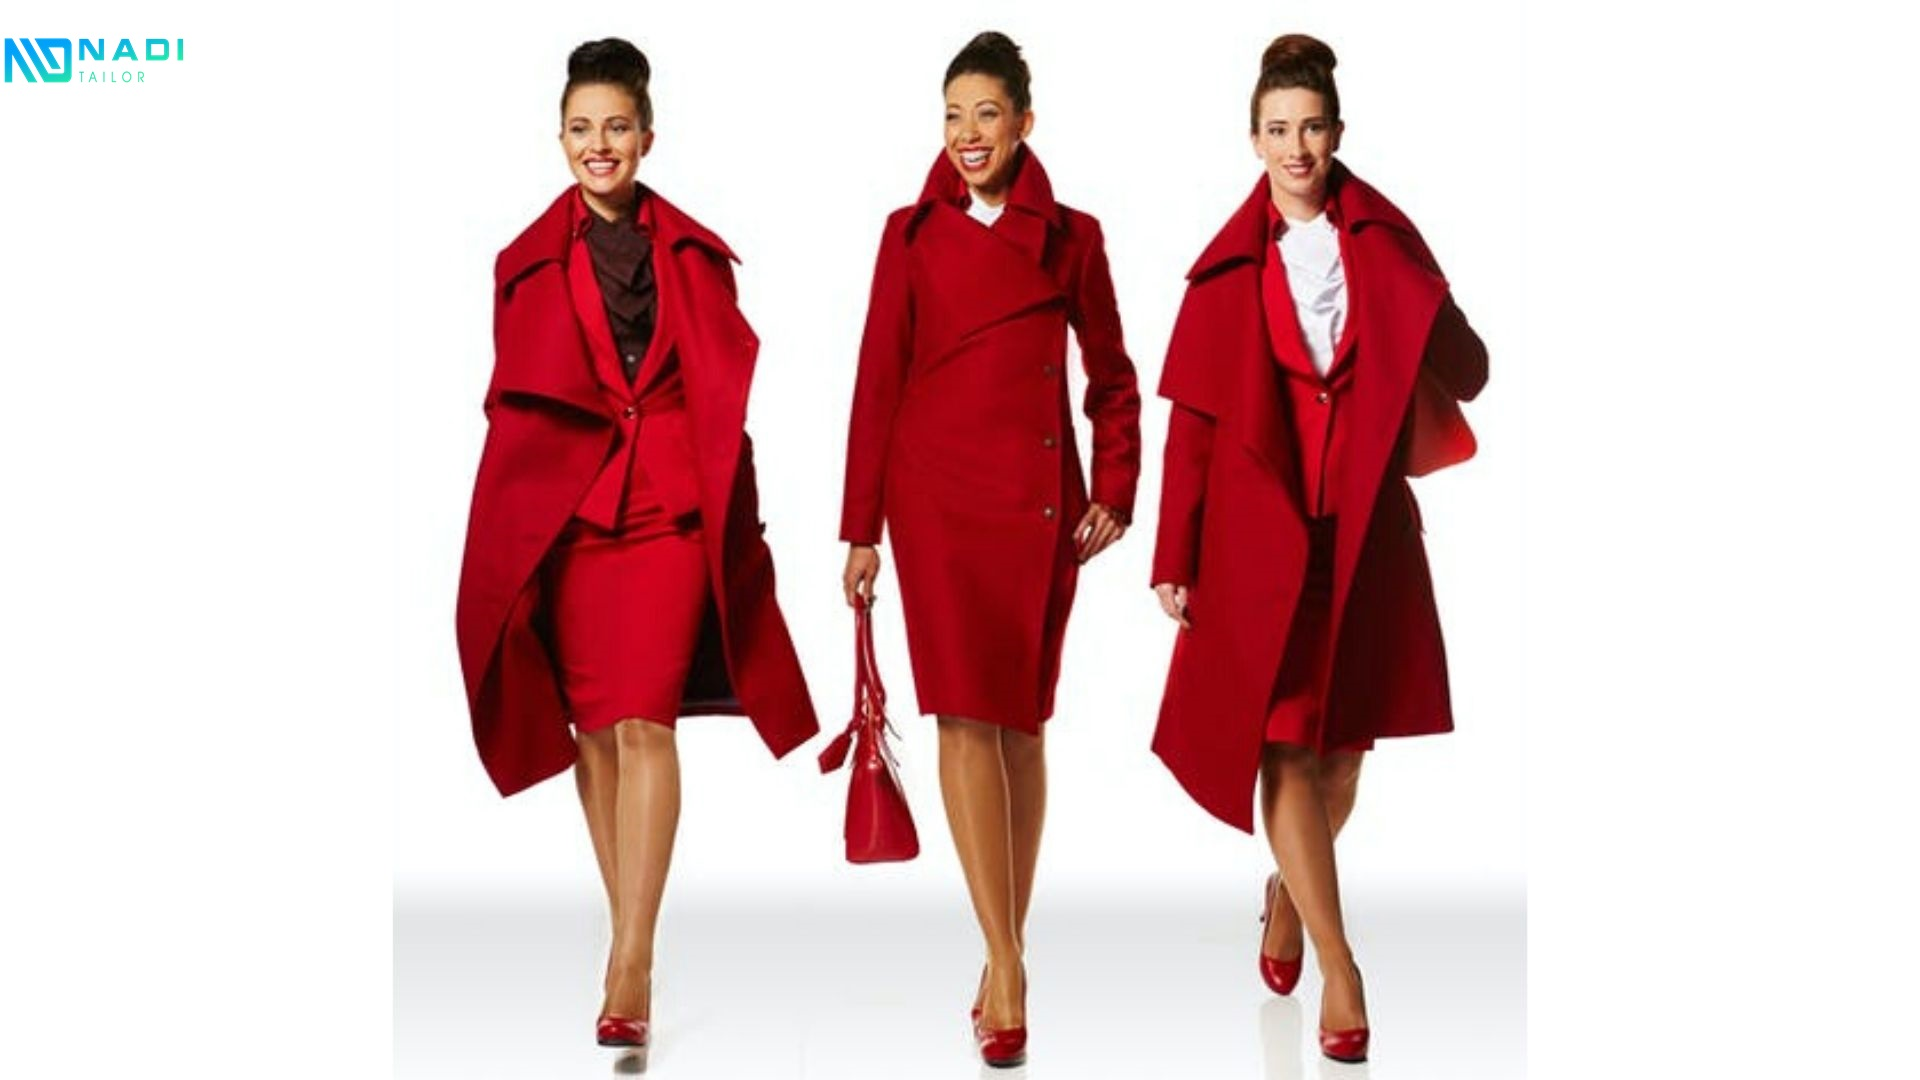 Khi nhìn thấy bộ đồng phục vest công sở đẹp ngất ngây này bạn có muốn ứng tuyển vào công ty đó không?